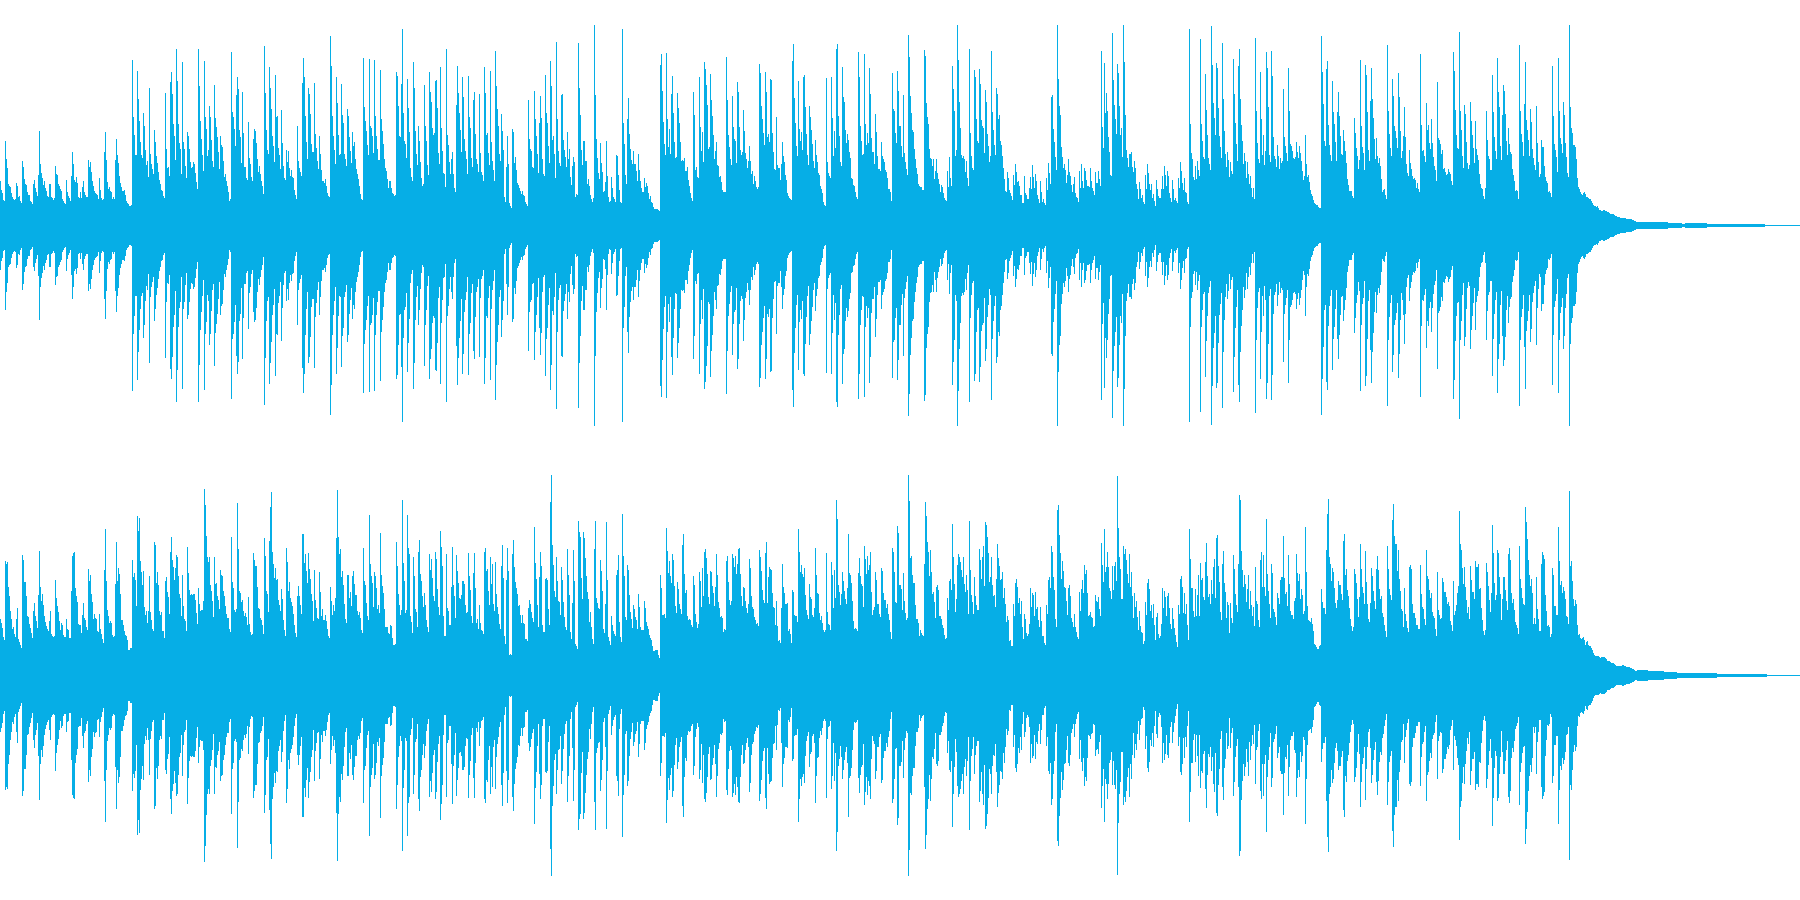 ギターデュオ/帰り道・ほのぼの・軽快の再生済みの波形